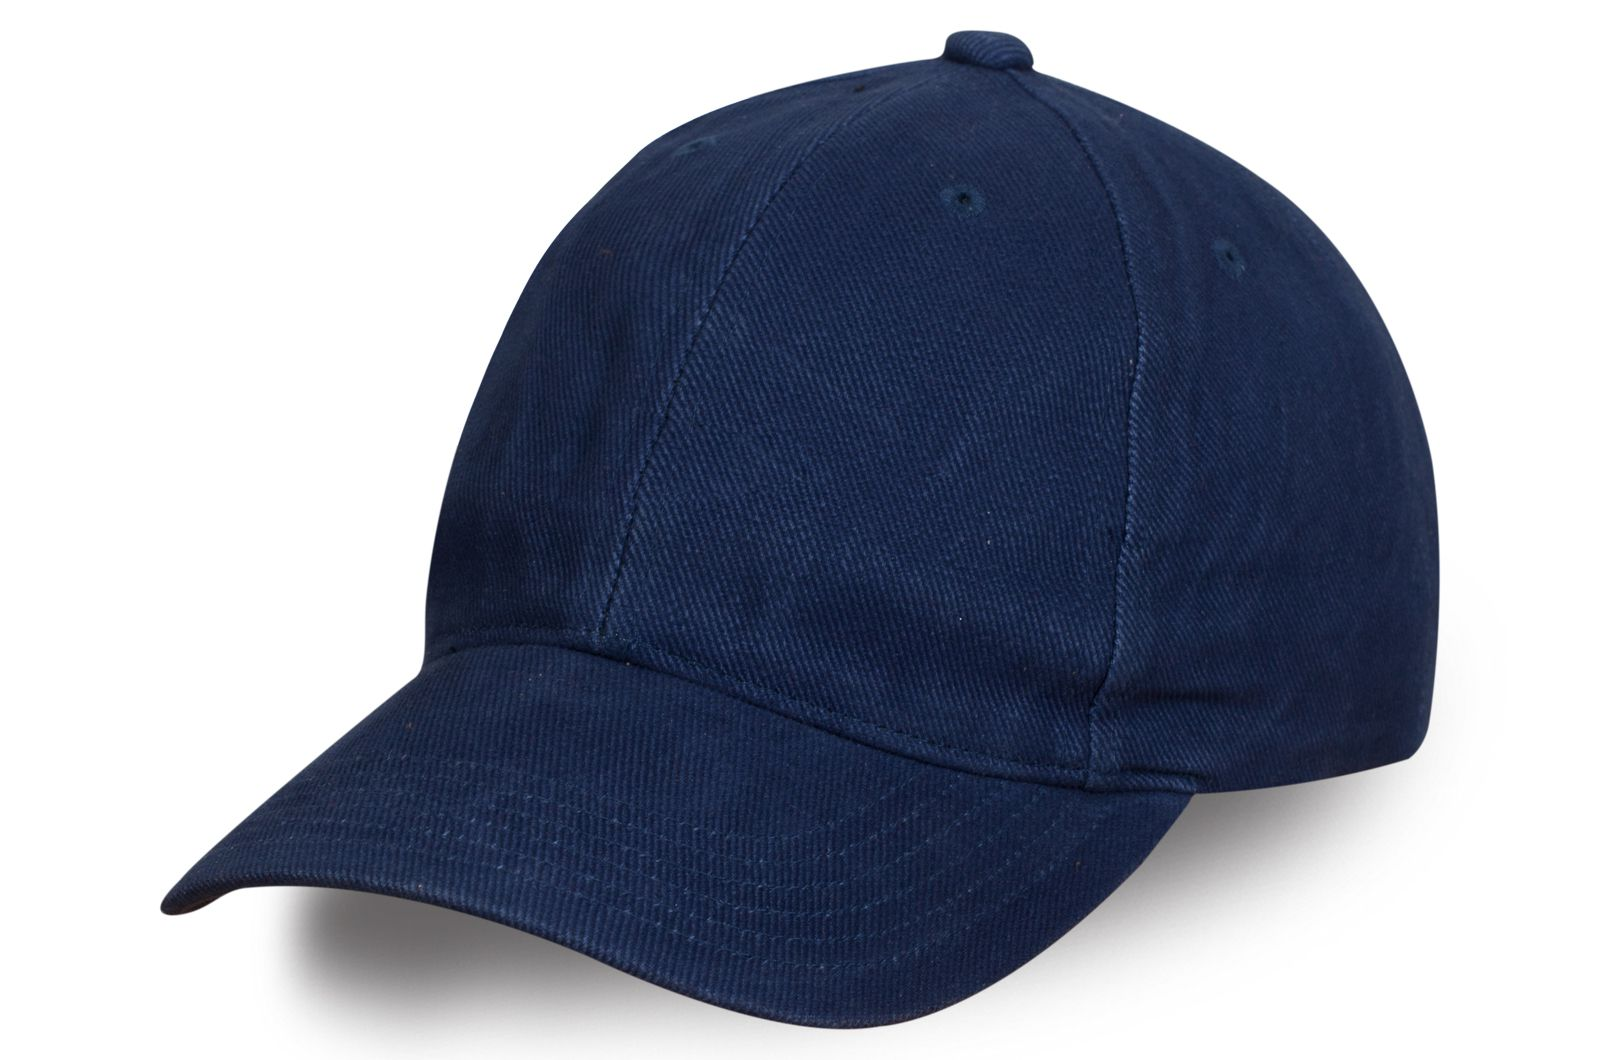 Мужская бейсболка темно-синего цвета